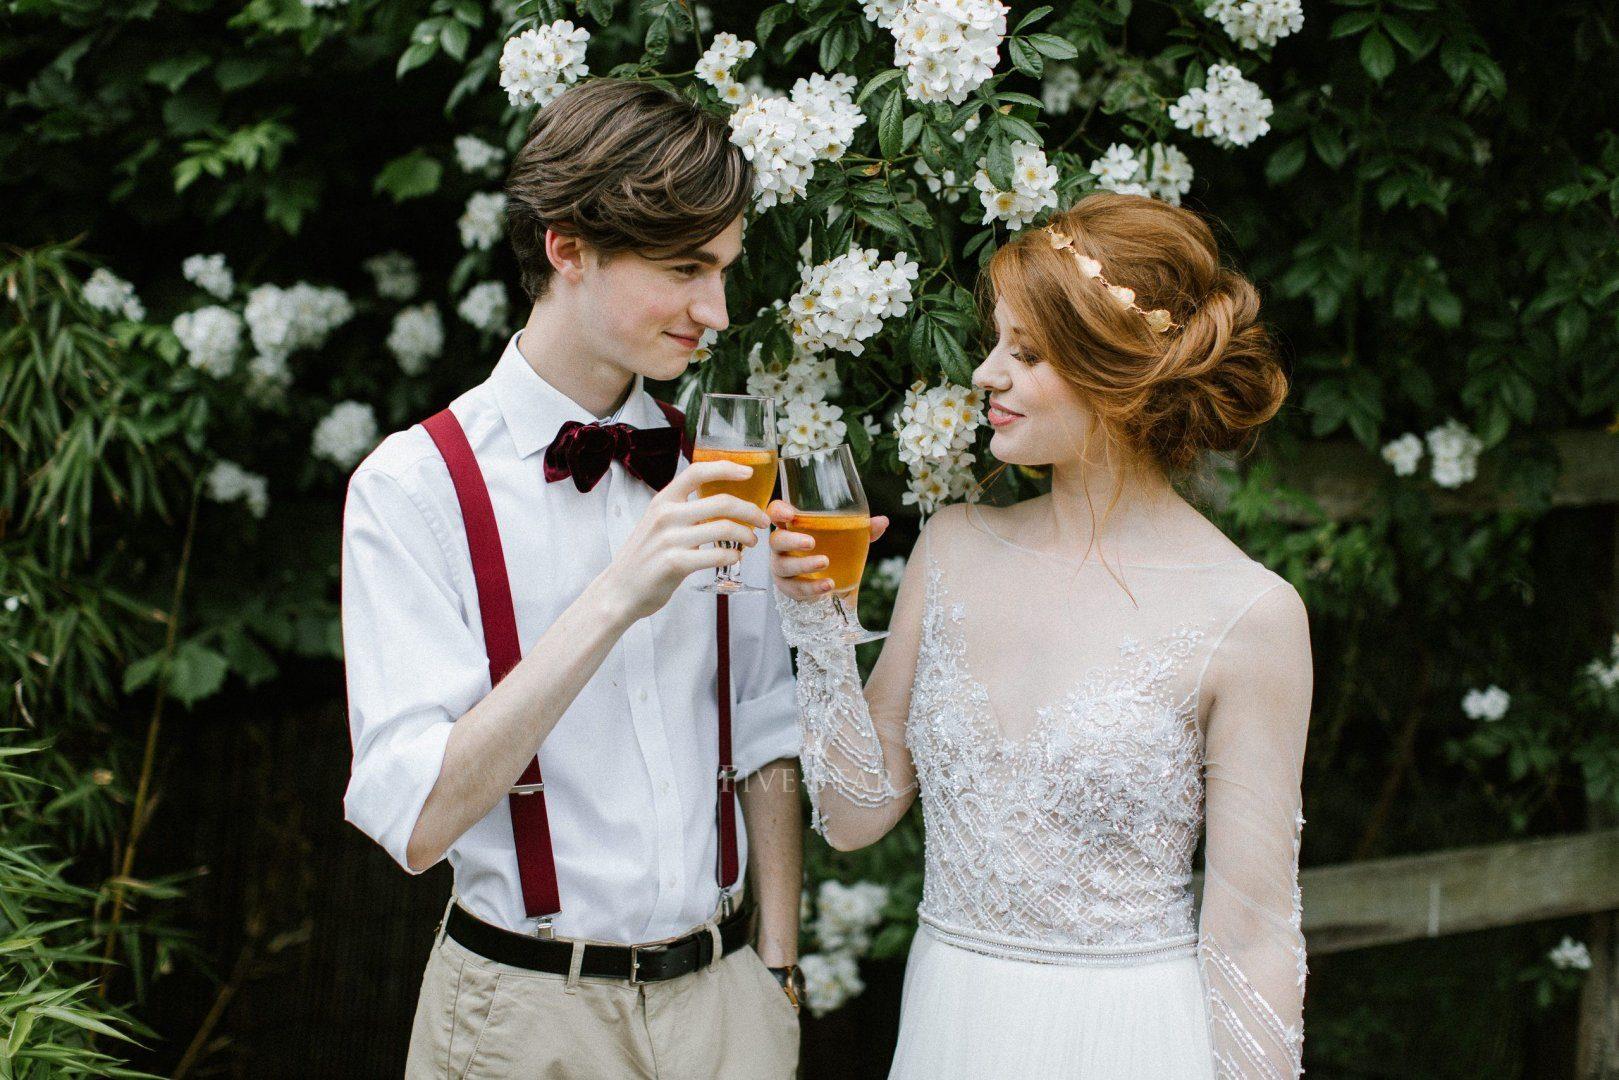 Longueville House Weddings photo 16